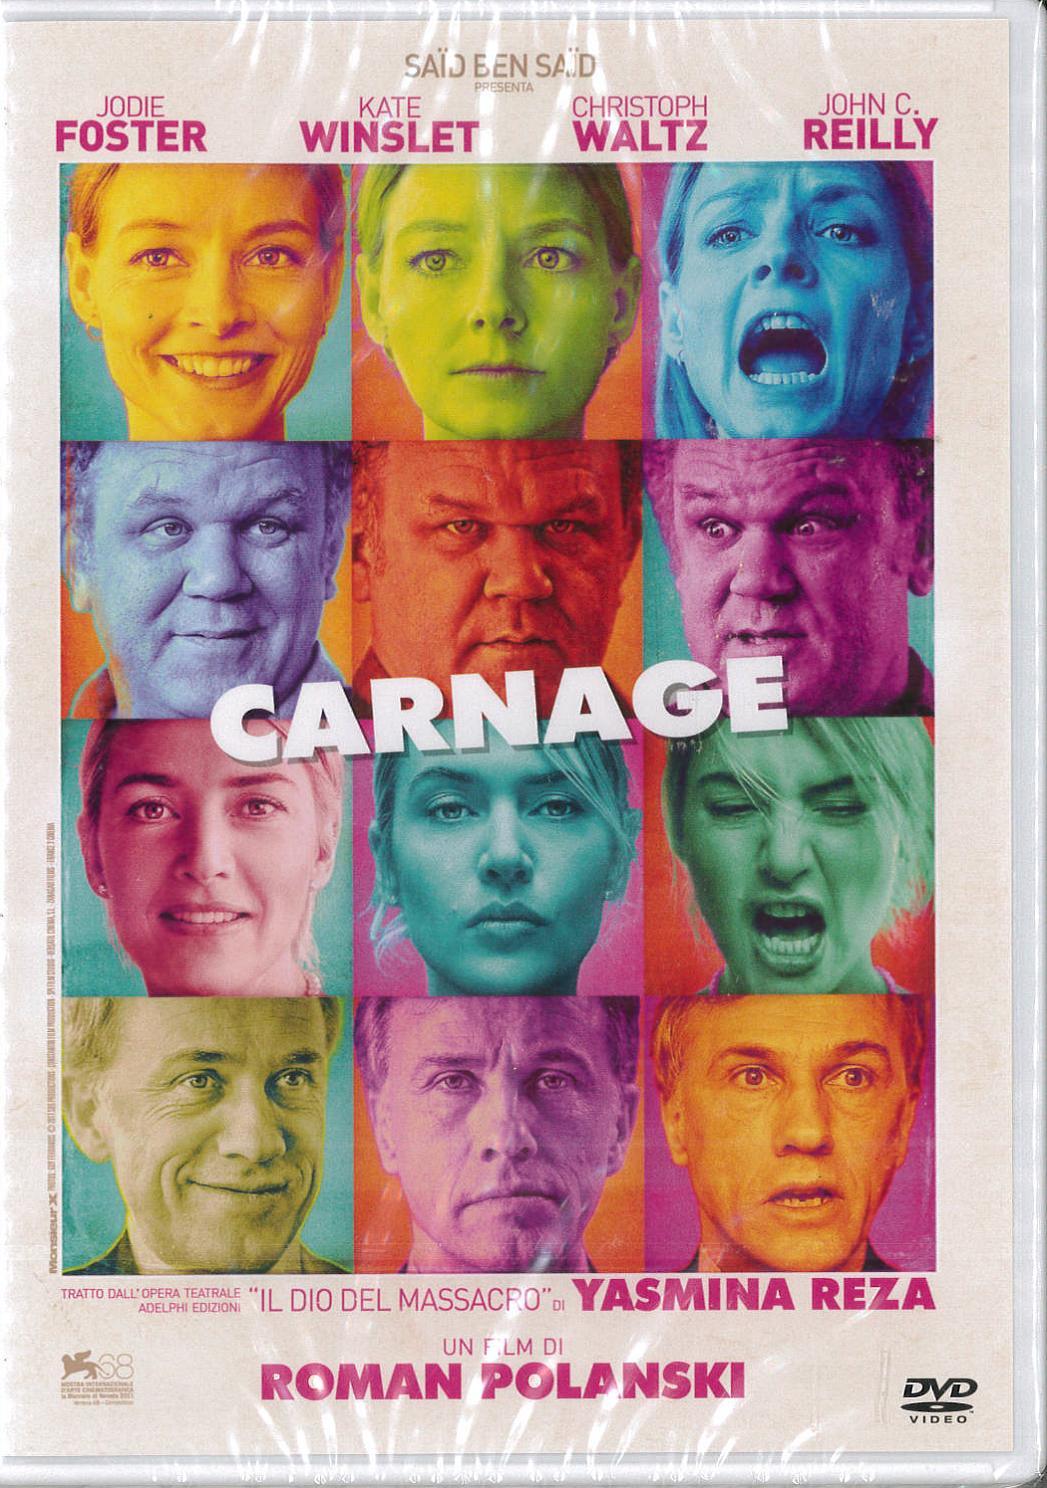 CARNAGE (DVD)